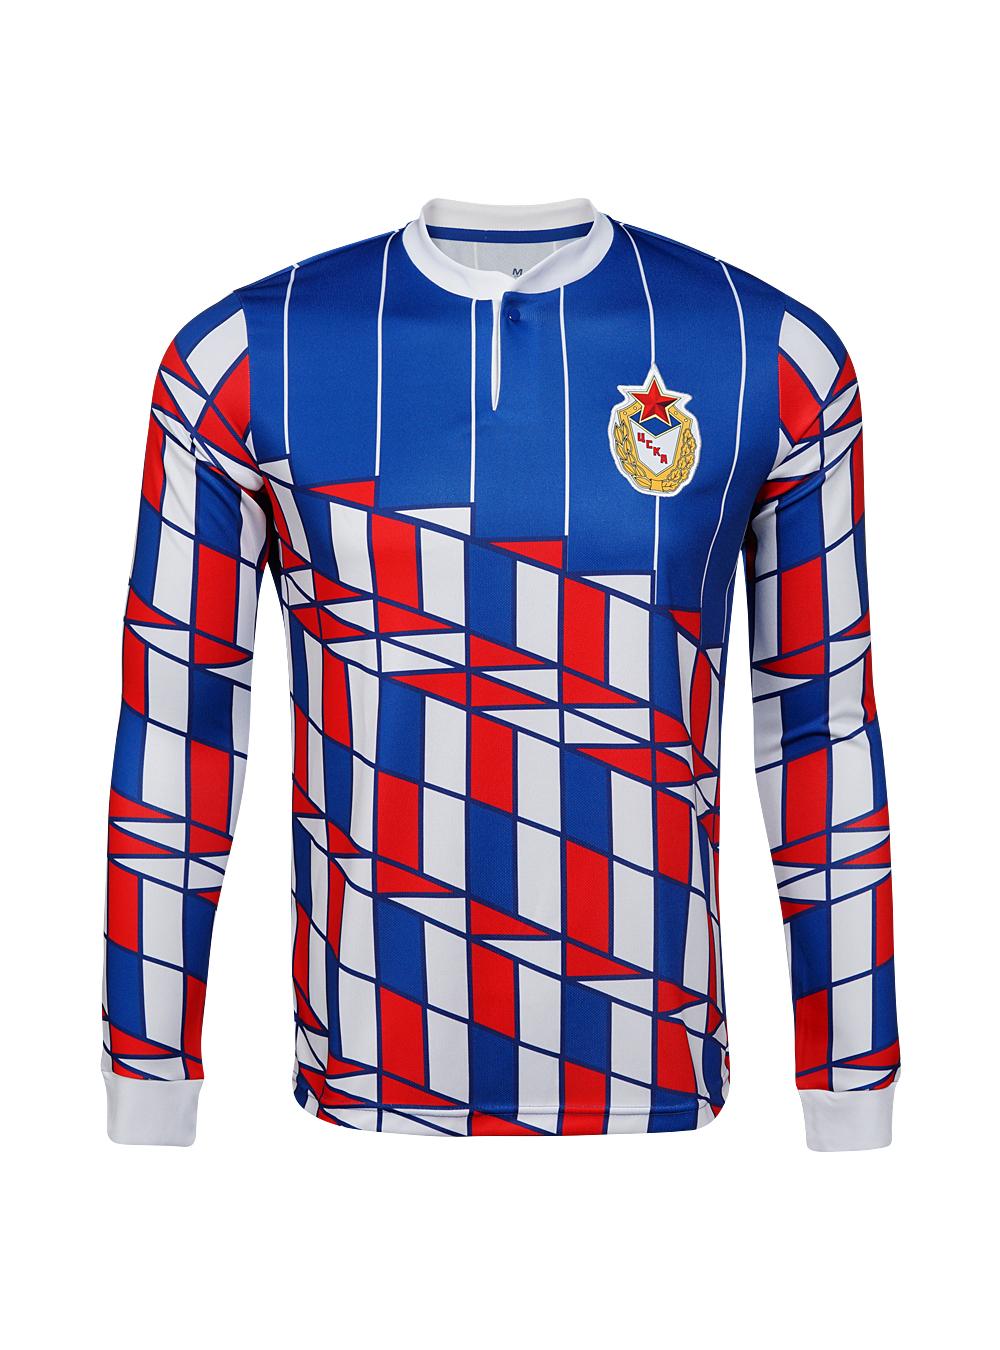 Купить Футболка игровая  с длинным рукавом CHAMPIONSHIP RETRO 1991 (S) по Нижнему Новгороду